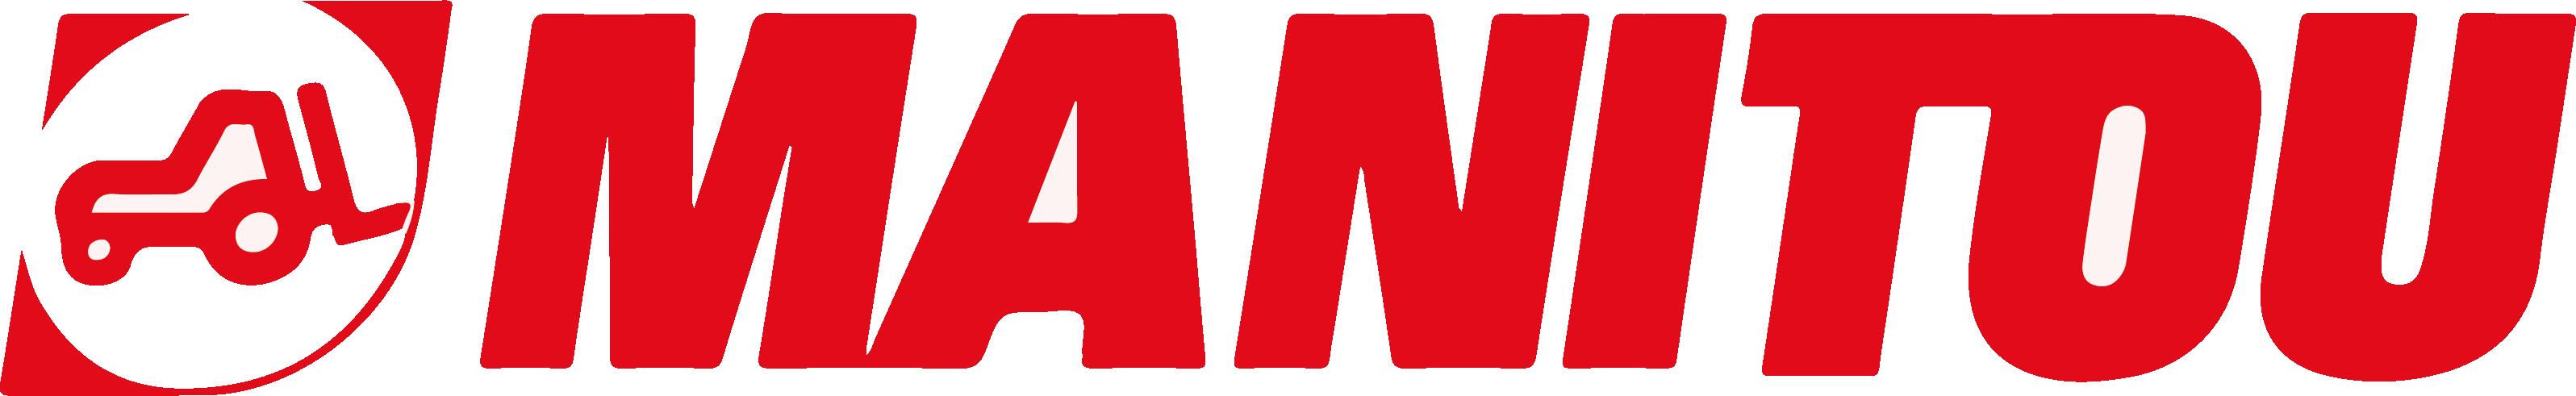 Beel Partner Logo